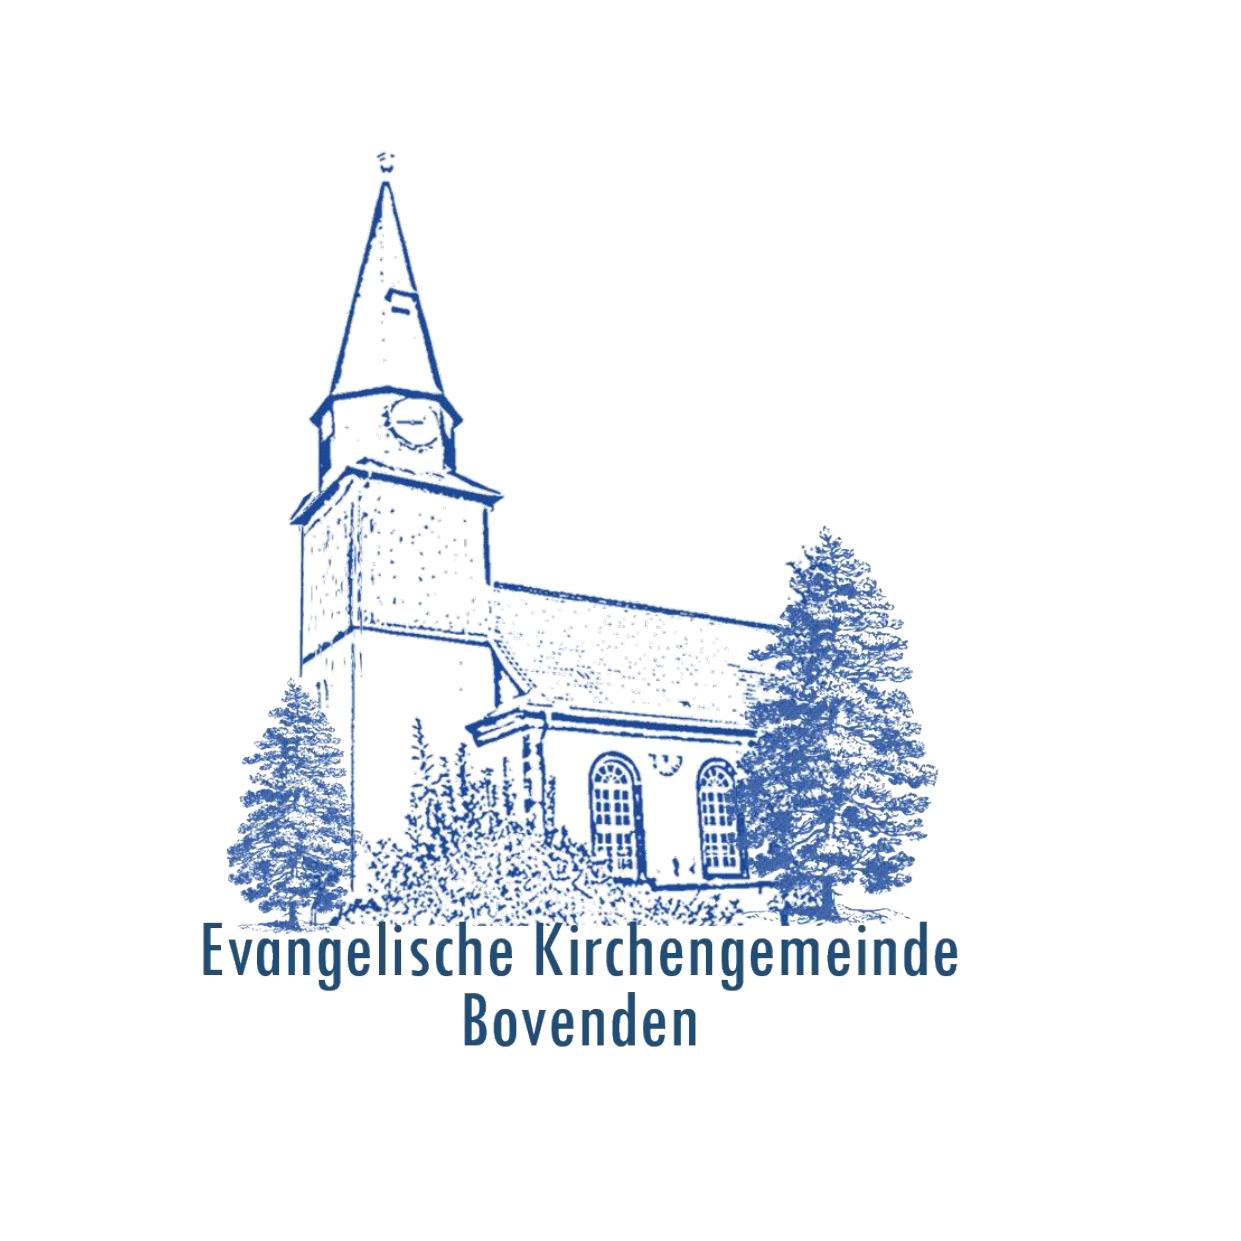 Evangelische Kirchengemeinde Bovenden